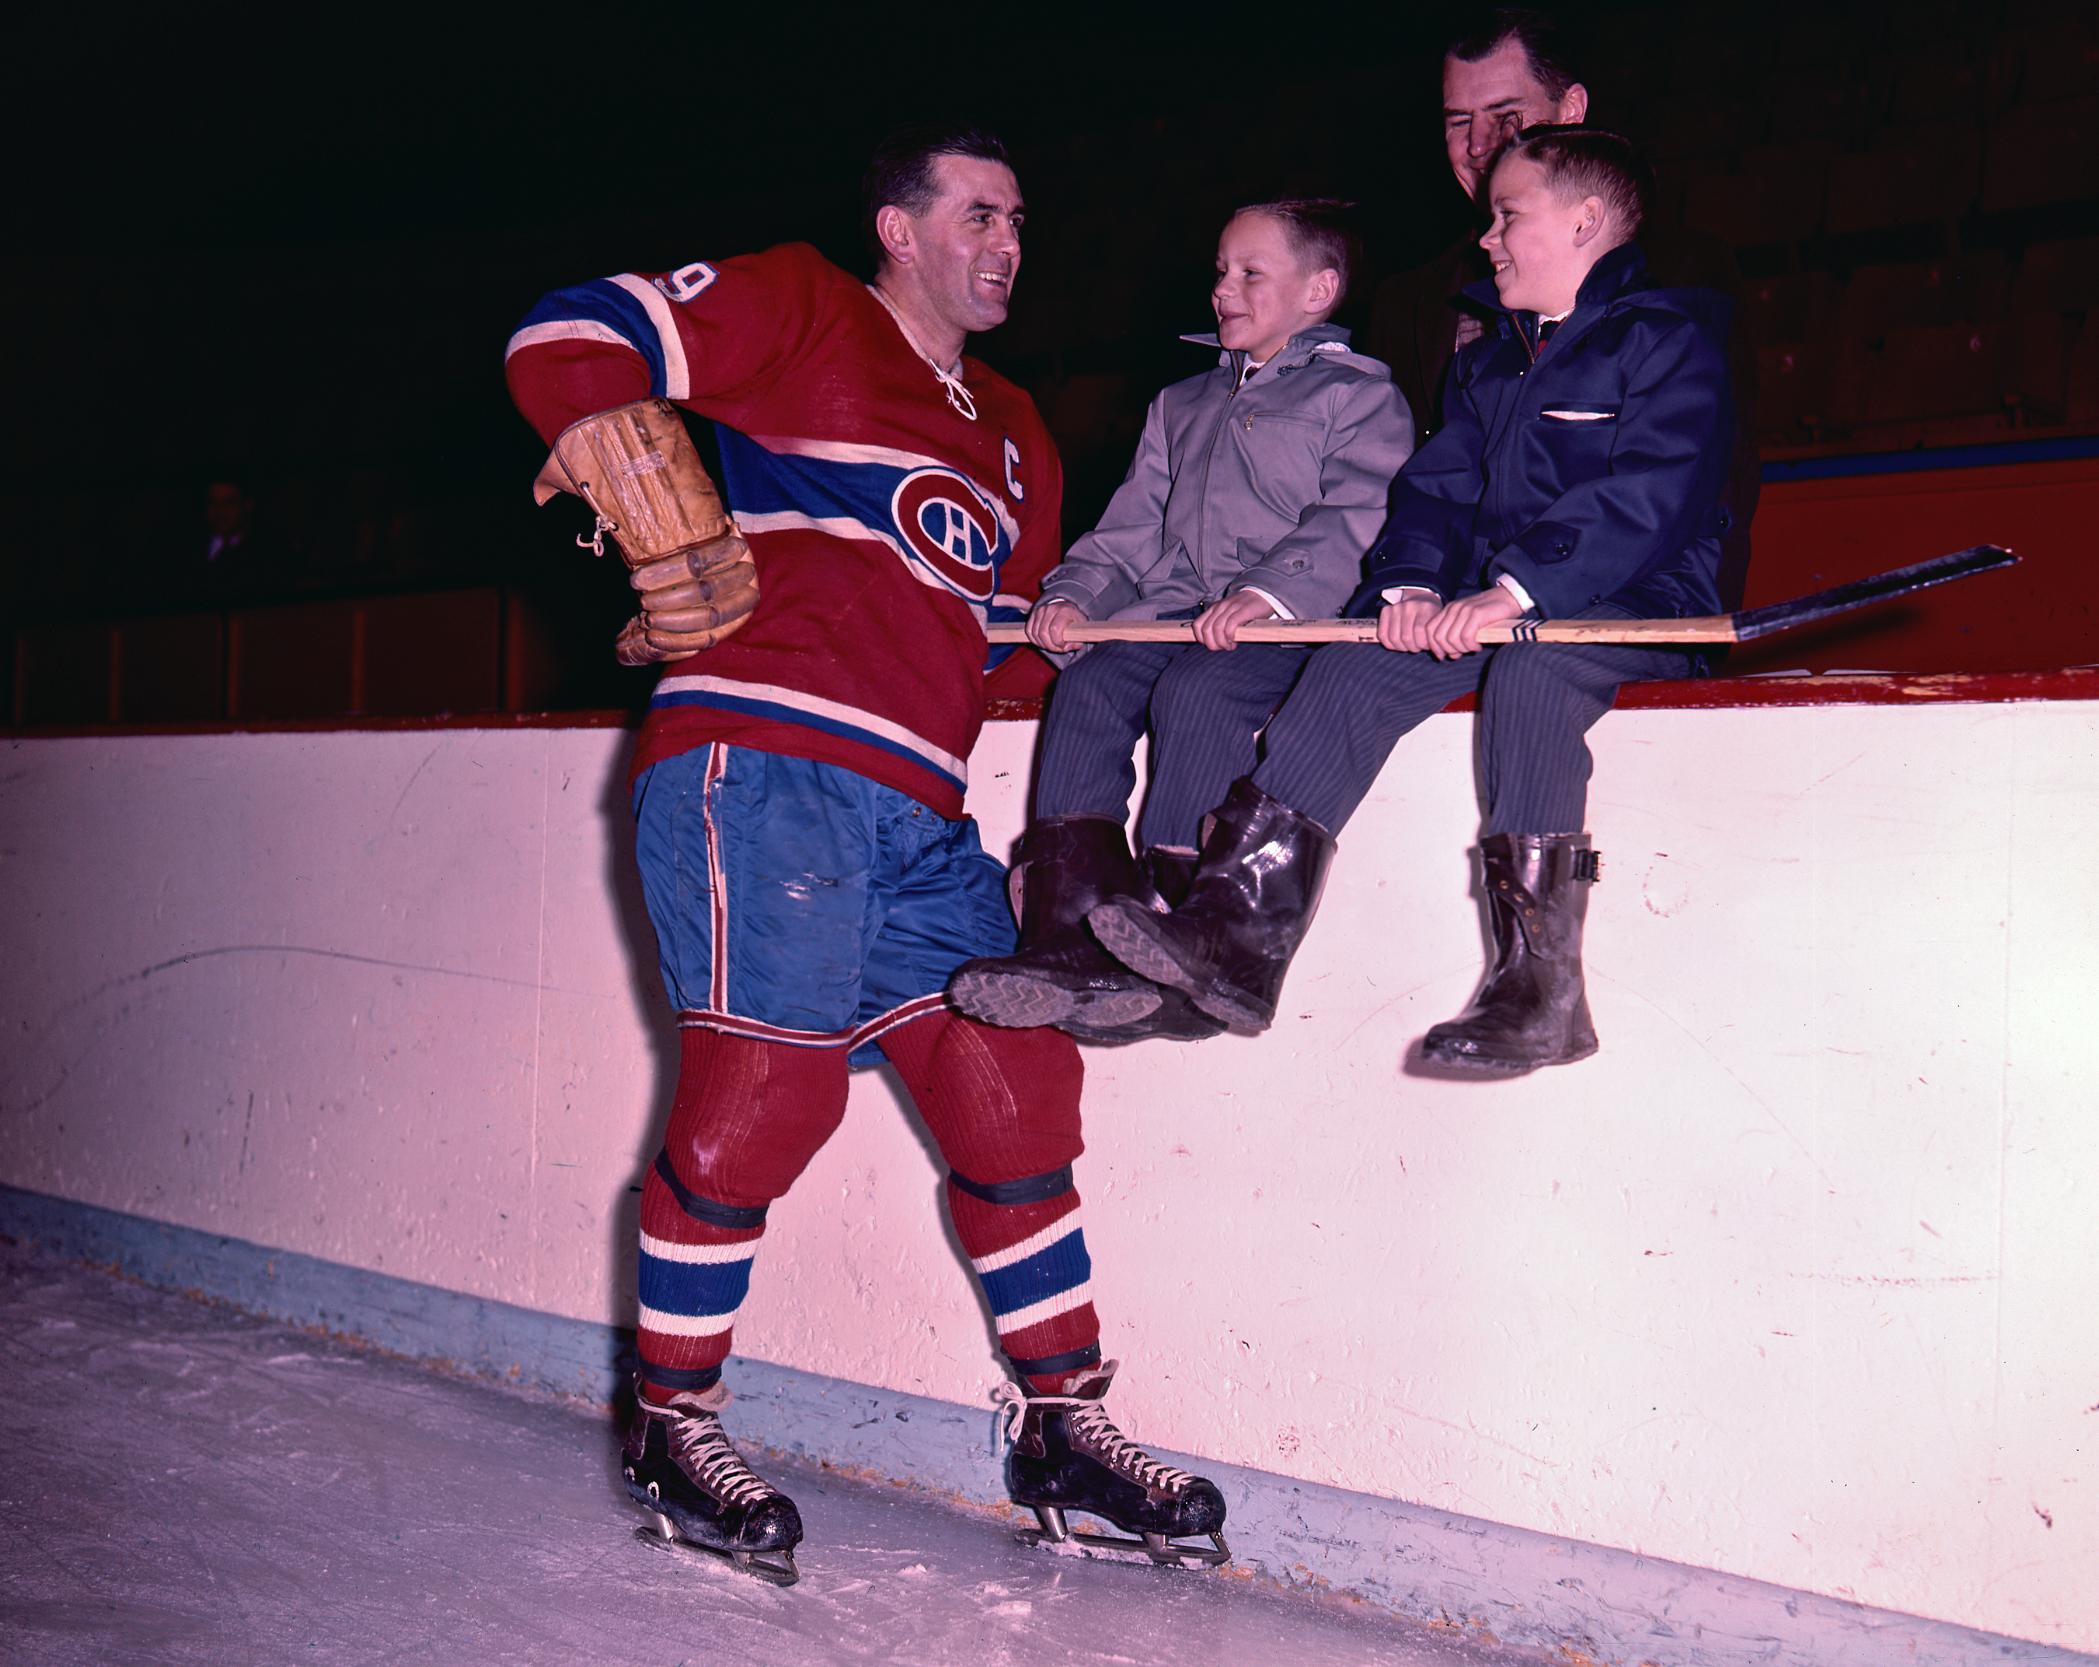 Photographie couleur de Maurice Richard affublé de son équipement du Canadien, souriant à deux jeunes garçons tenant un bâton de hockey.